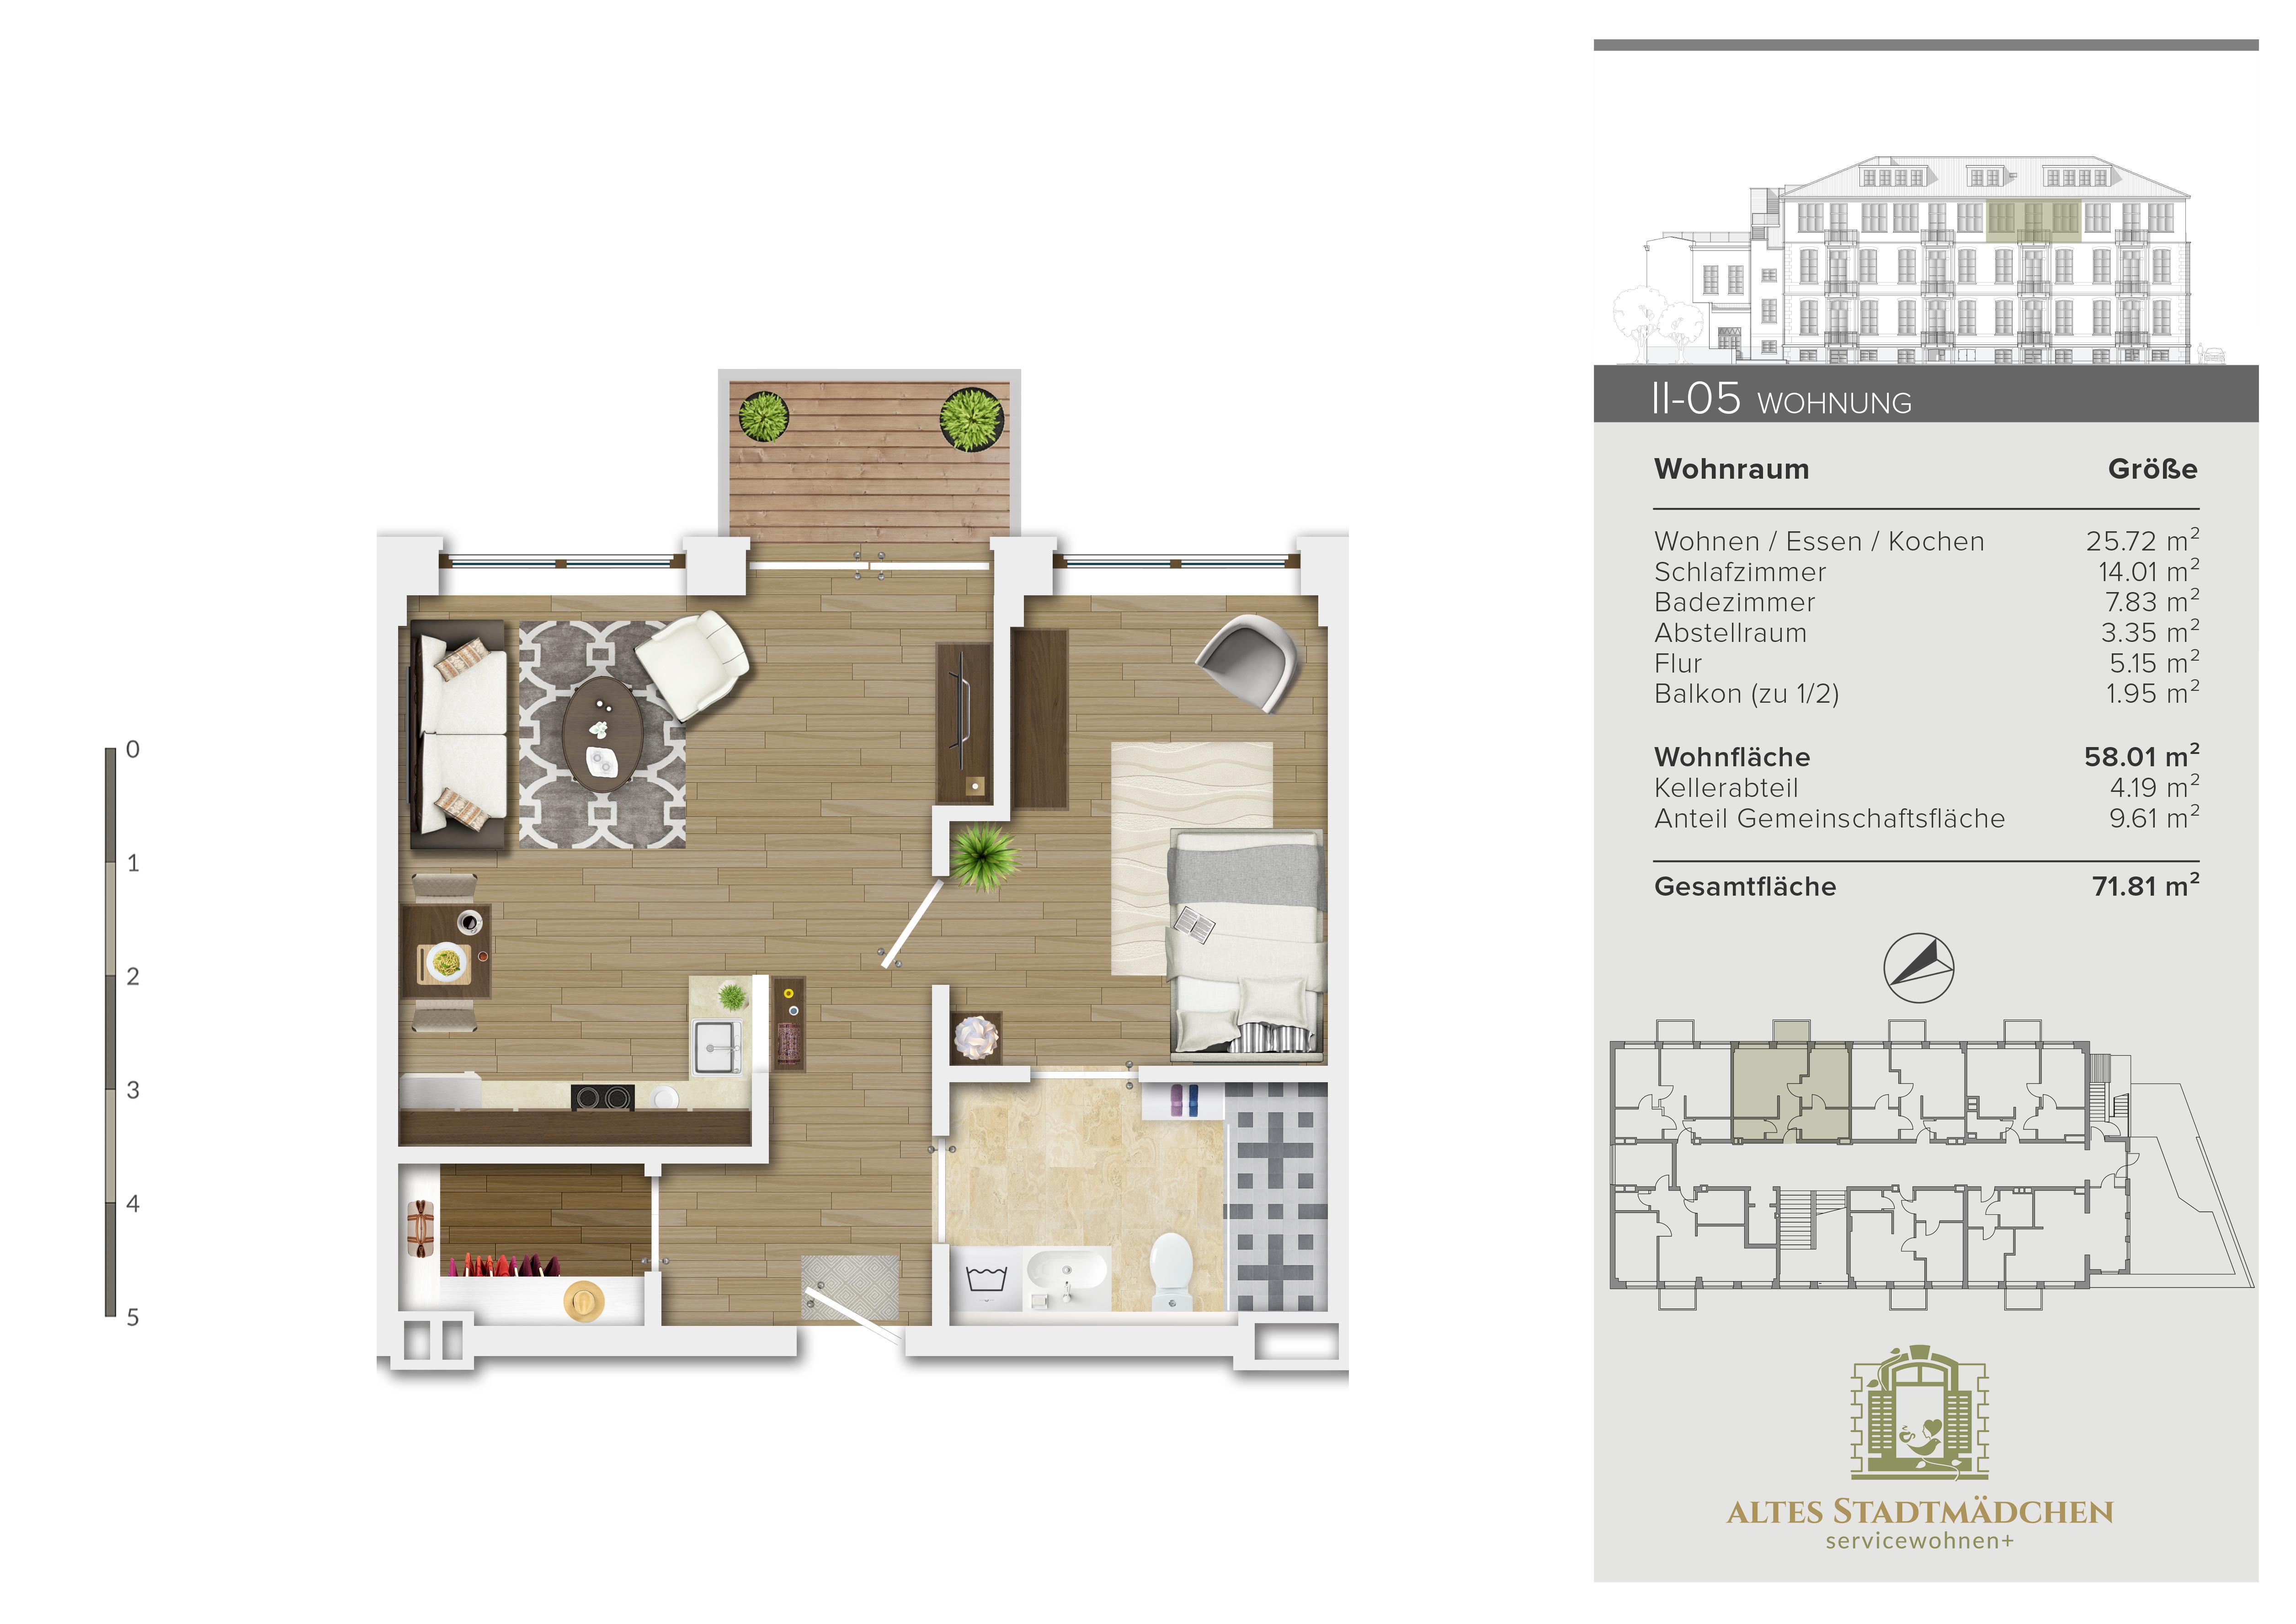 Wohnung II-05